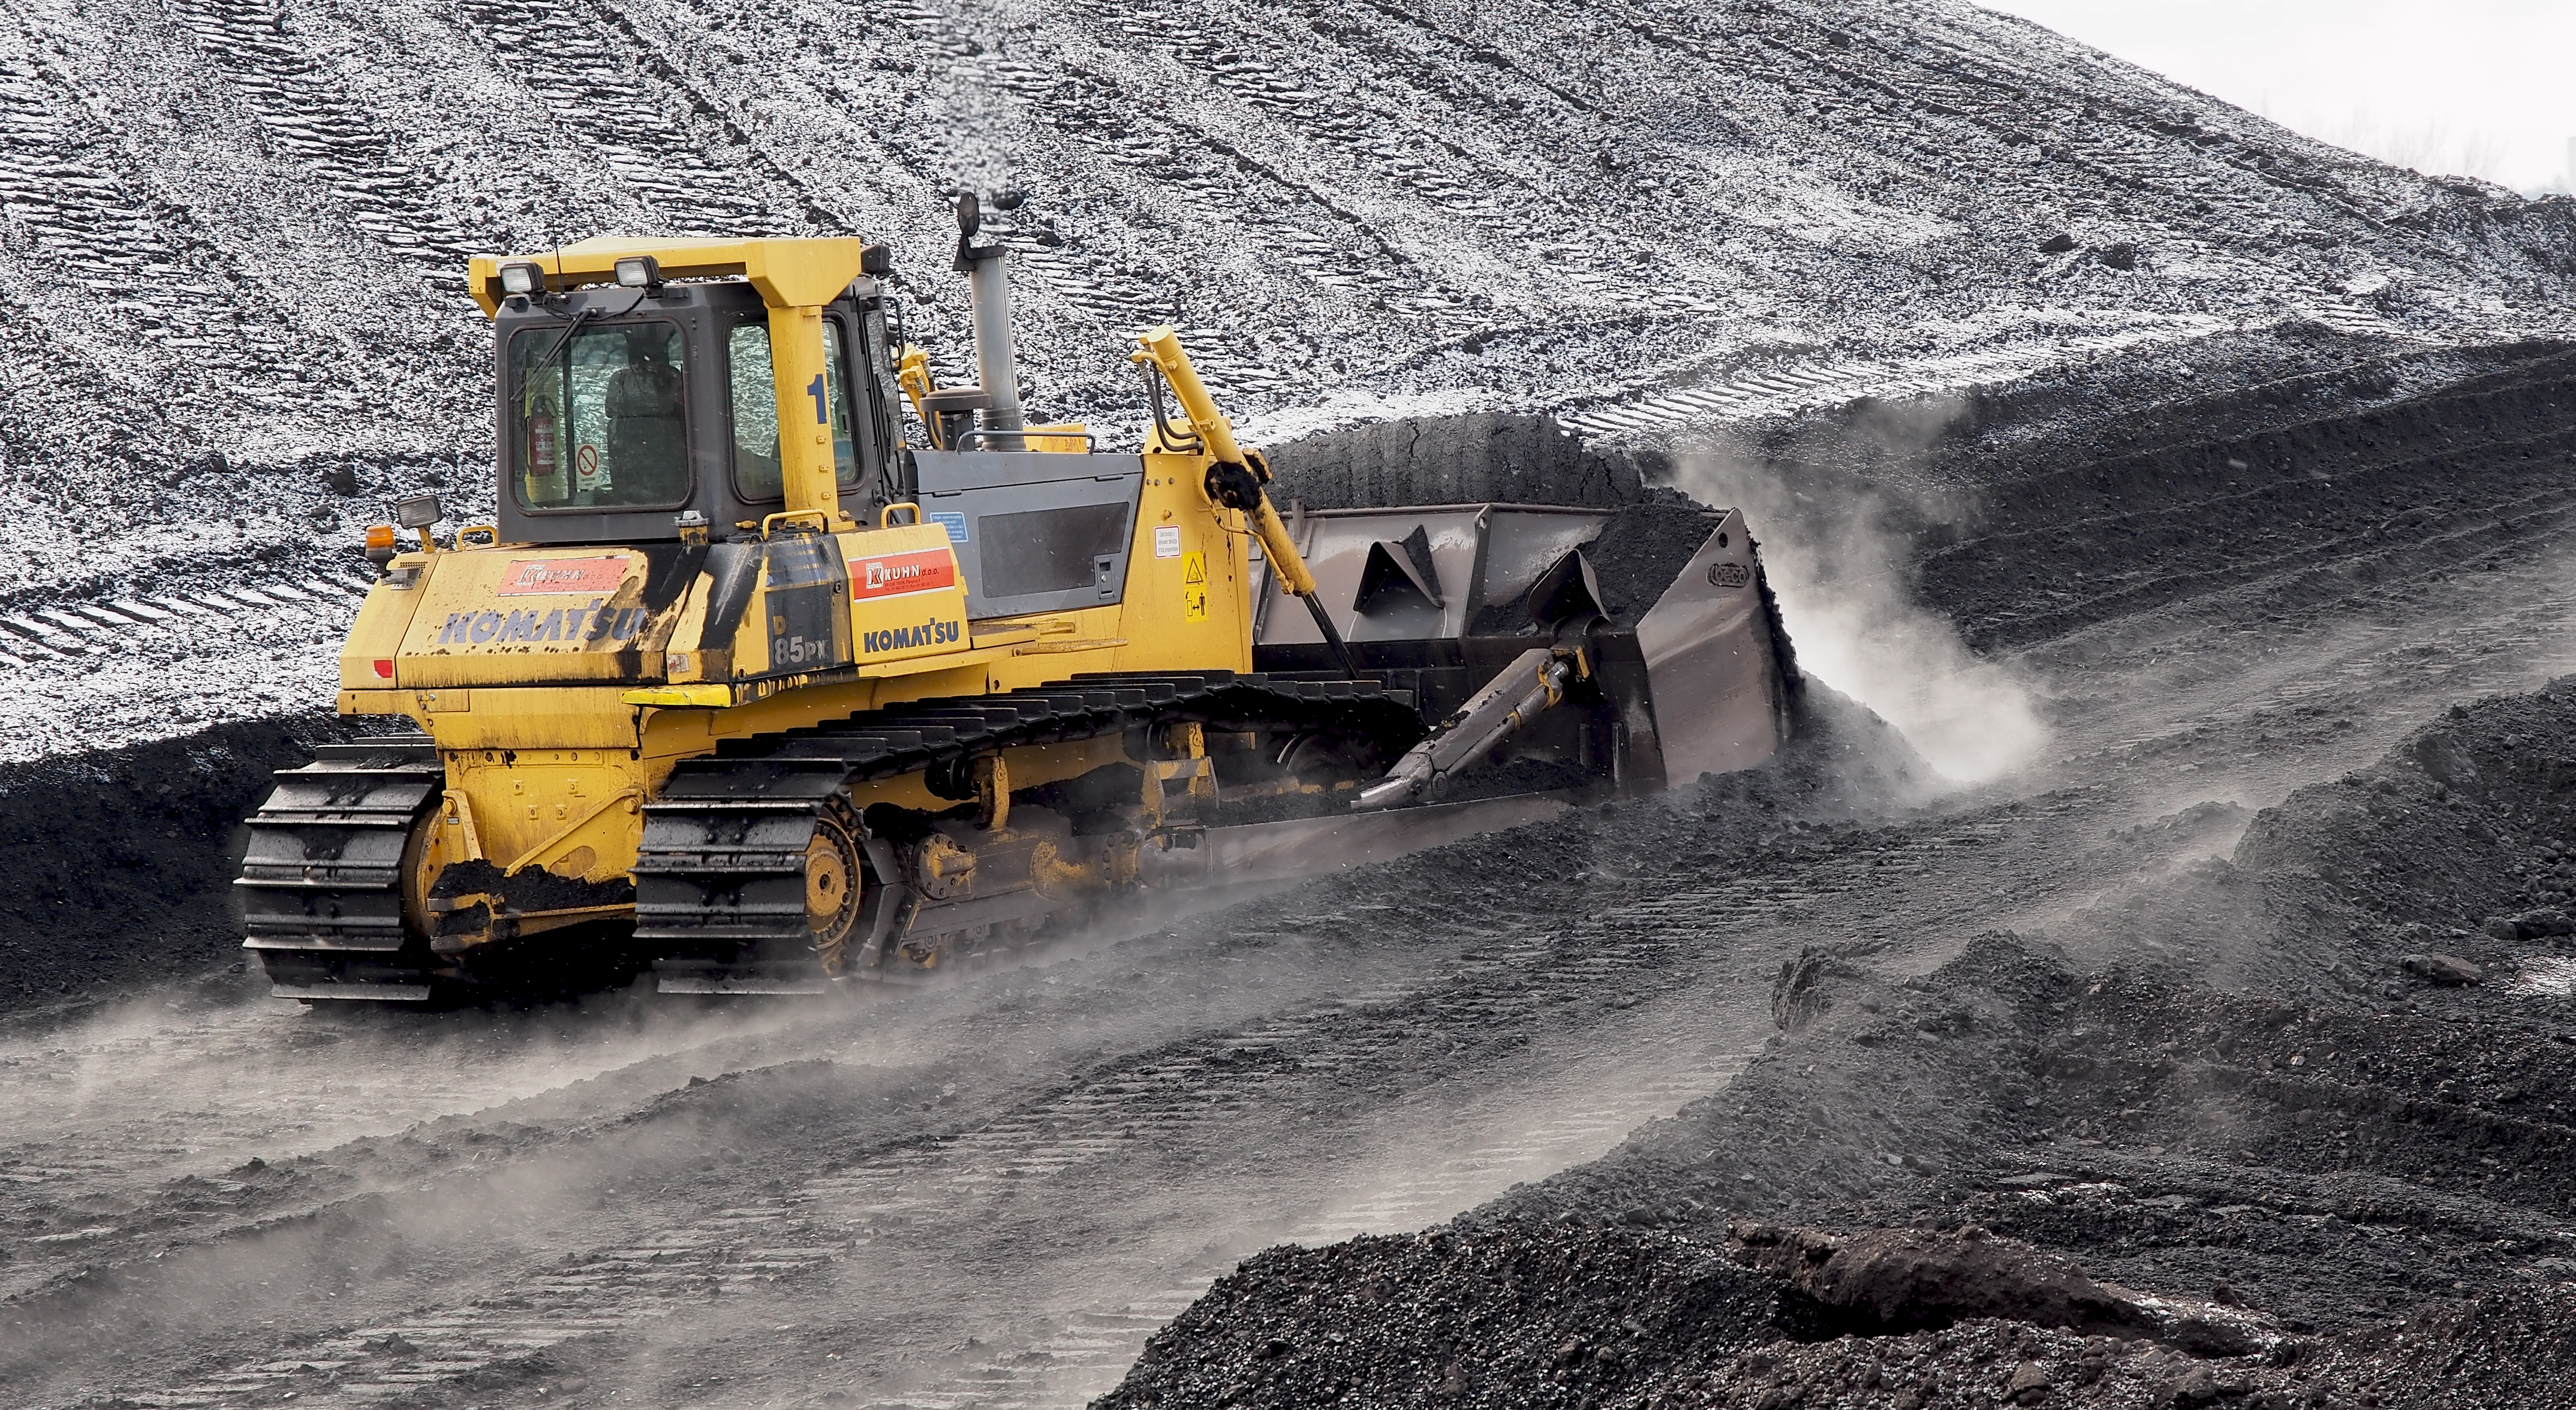 A bulldozer pushing coal.